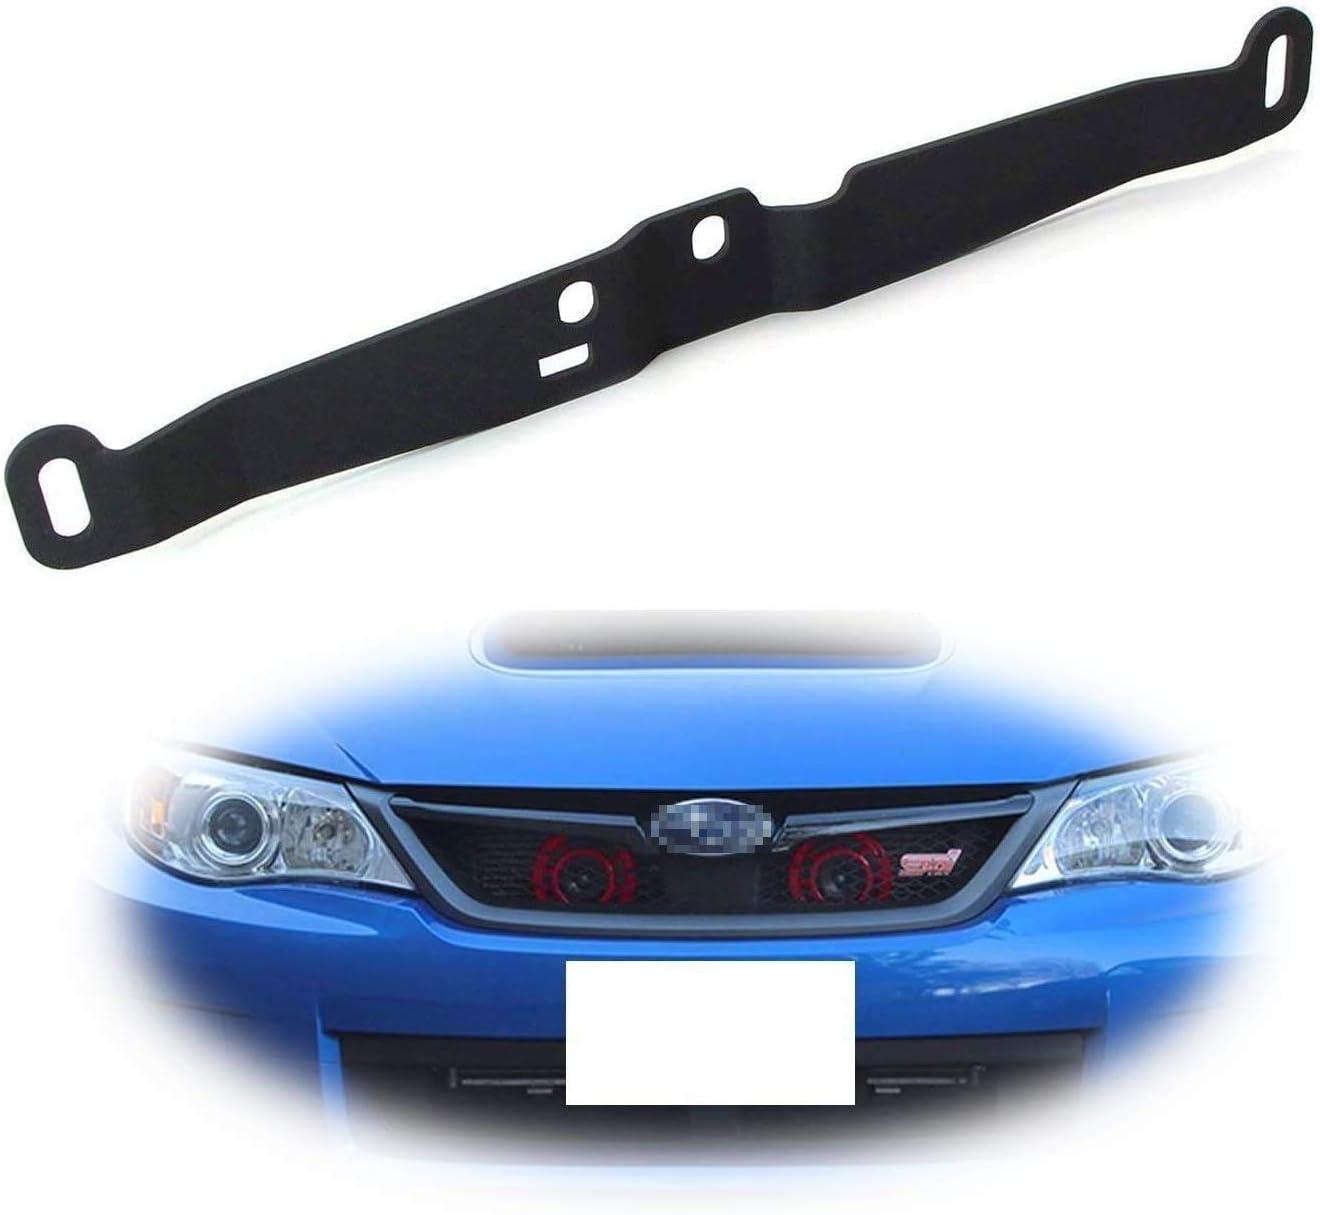 2002-2007 Support de Montage Boulonn/é Derri/ère la Calandre /à Double Klaxon Compatible avec Subaru WRX ou STi Compatible avec Klaxons Hella Super Tone